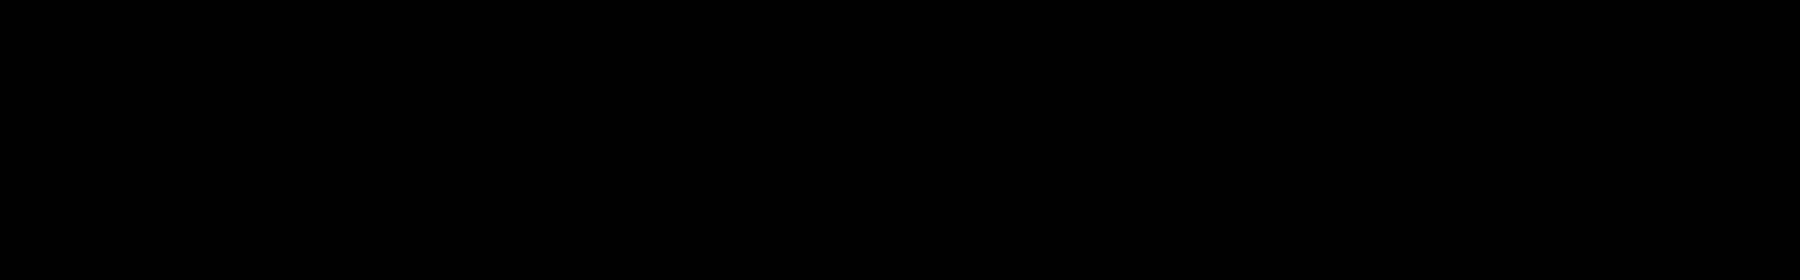 Electropolis audio waveform